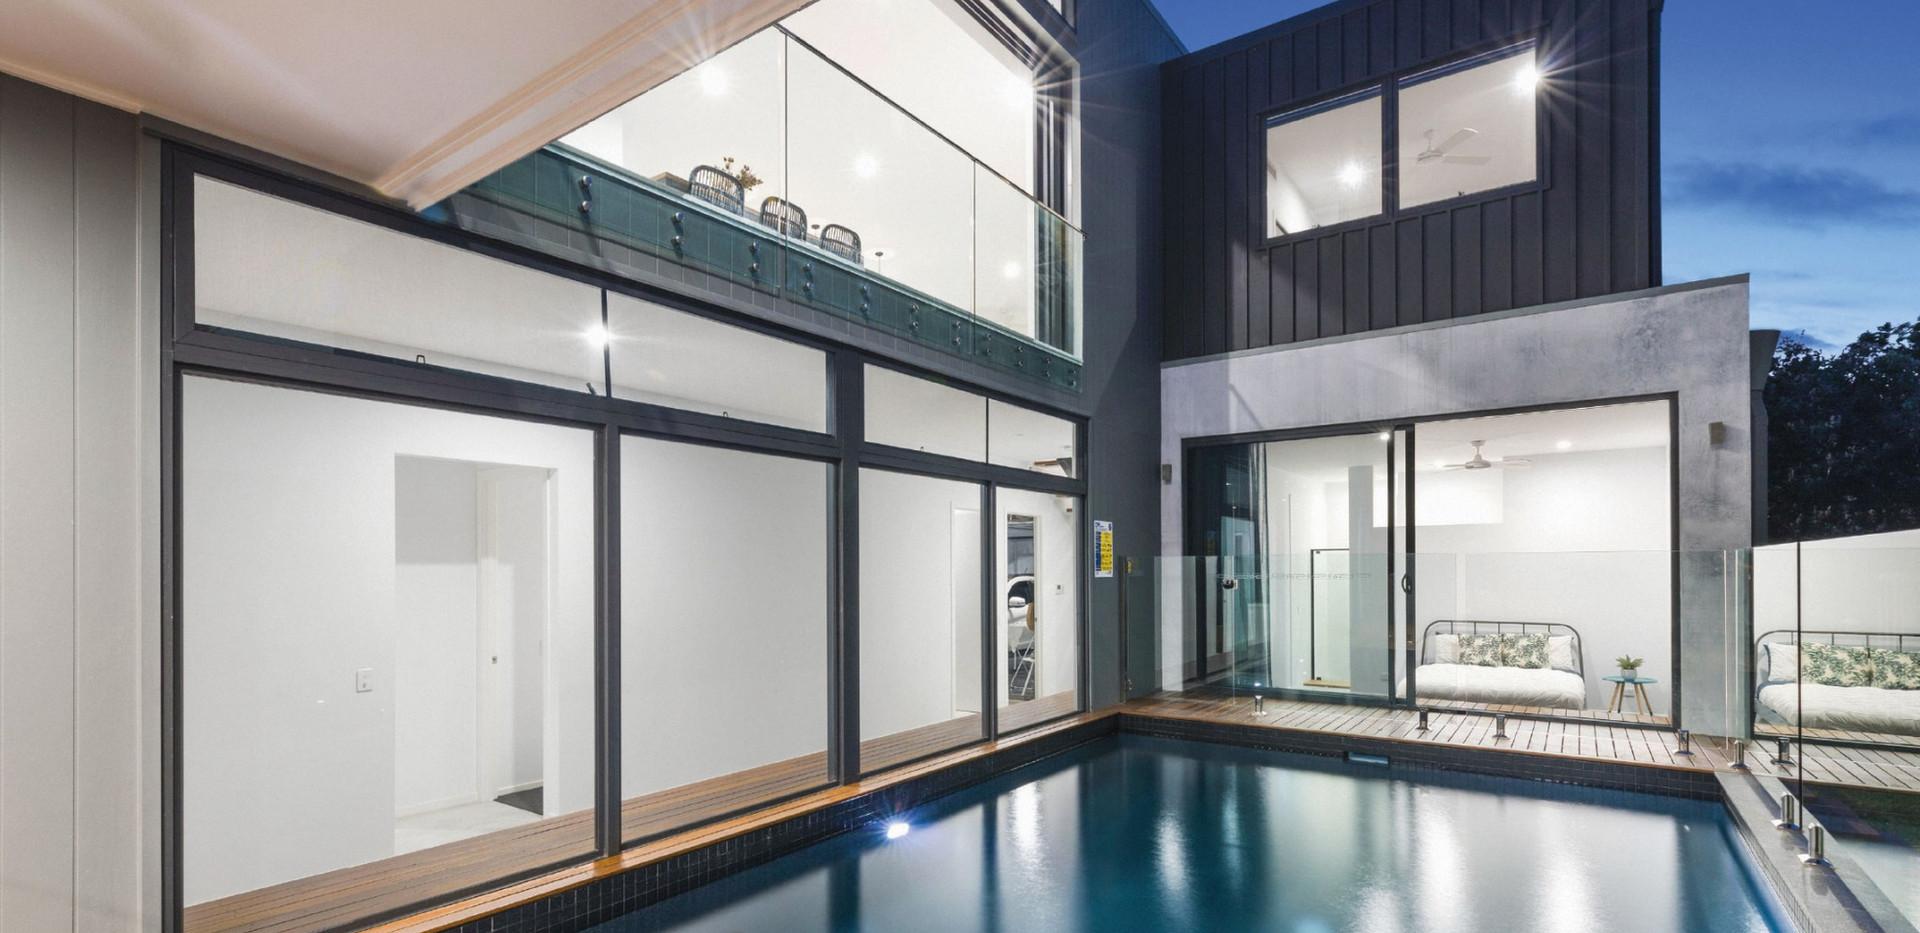 Multiple-large-fixed-windows-and-sliding